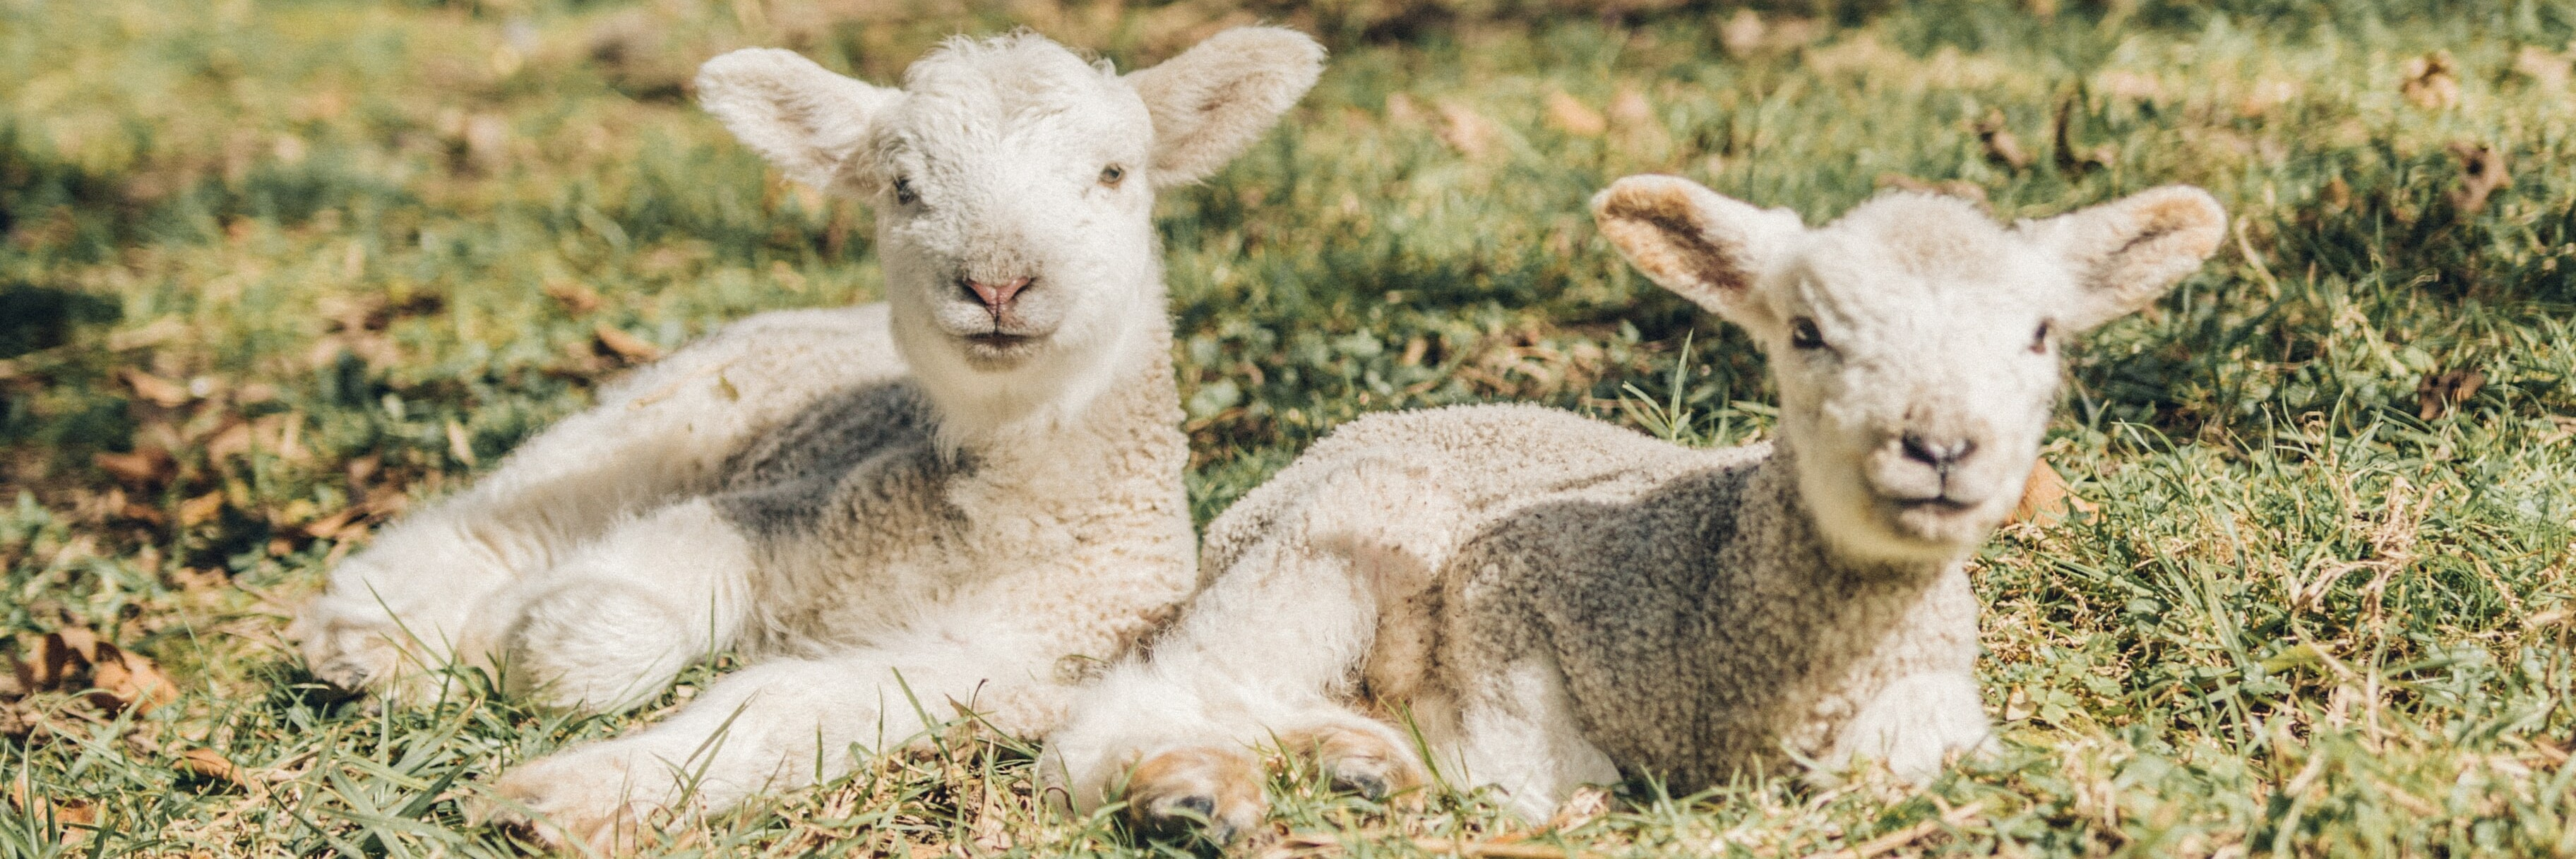 Two lambs staring at the camera